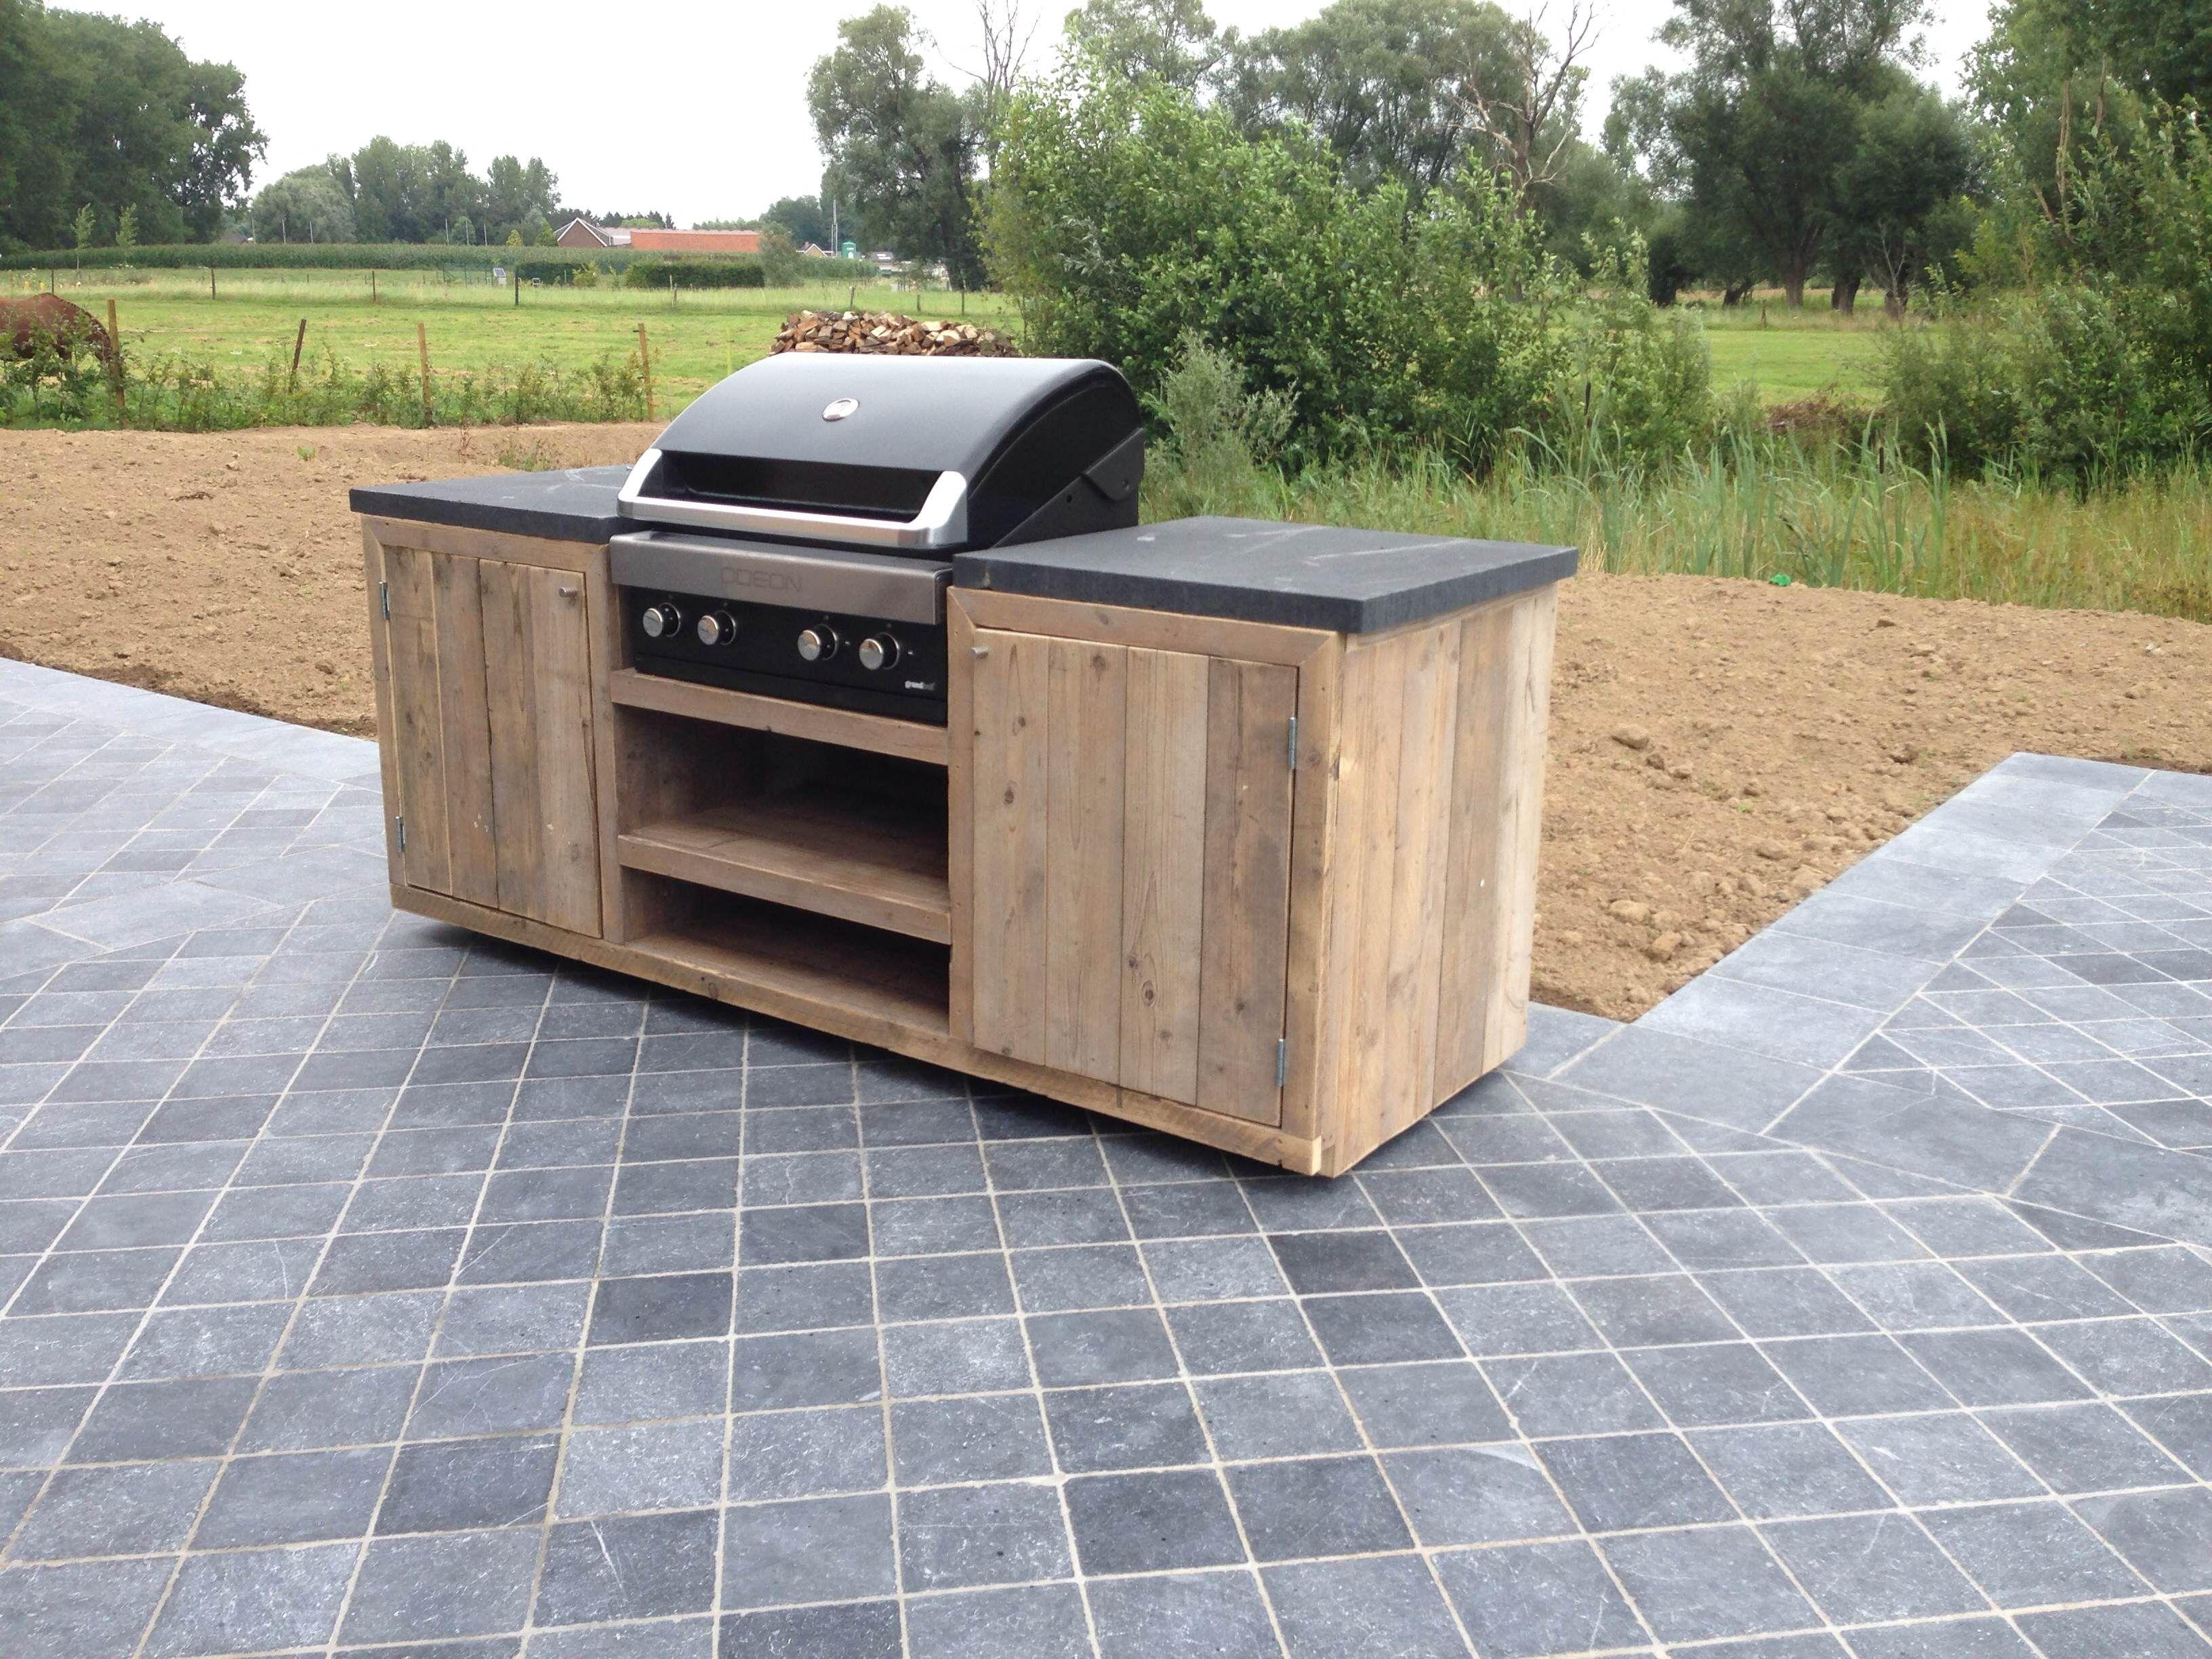 Outdoor Küchen Plan : Outdoor küche plan outdoor küche bauanleitung ideen